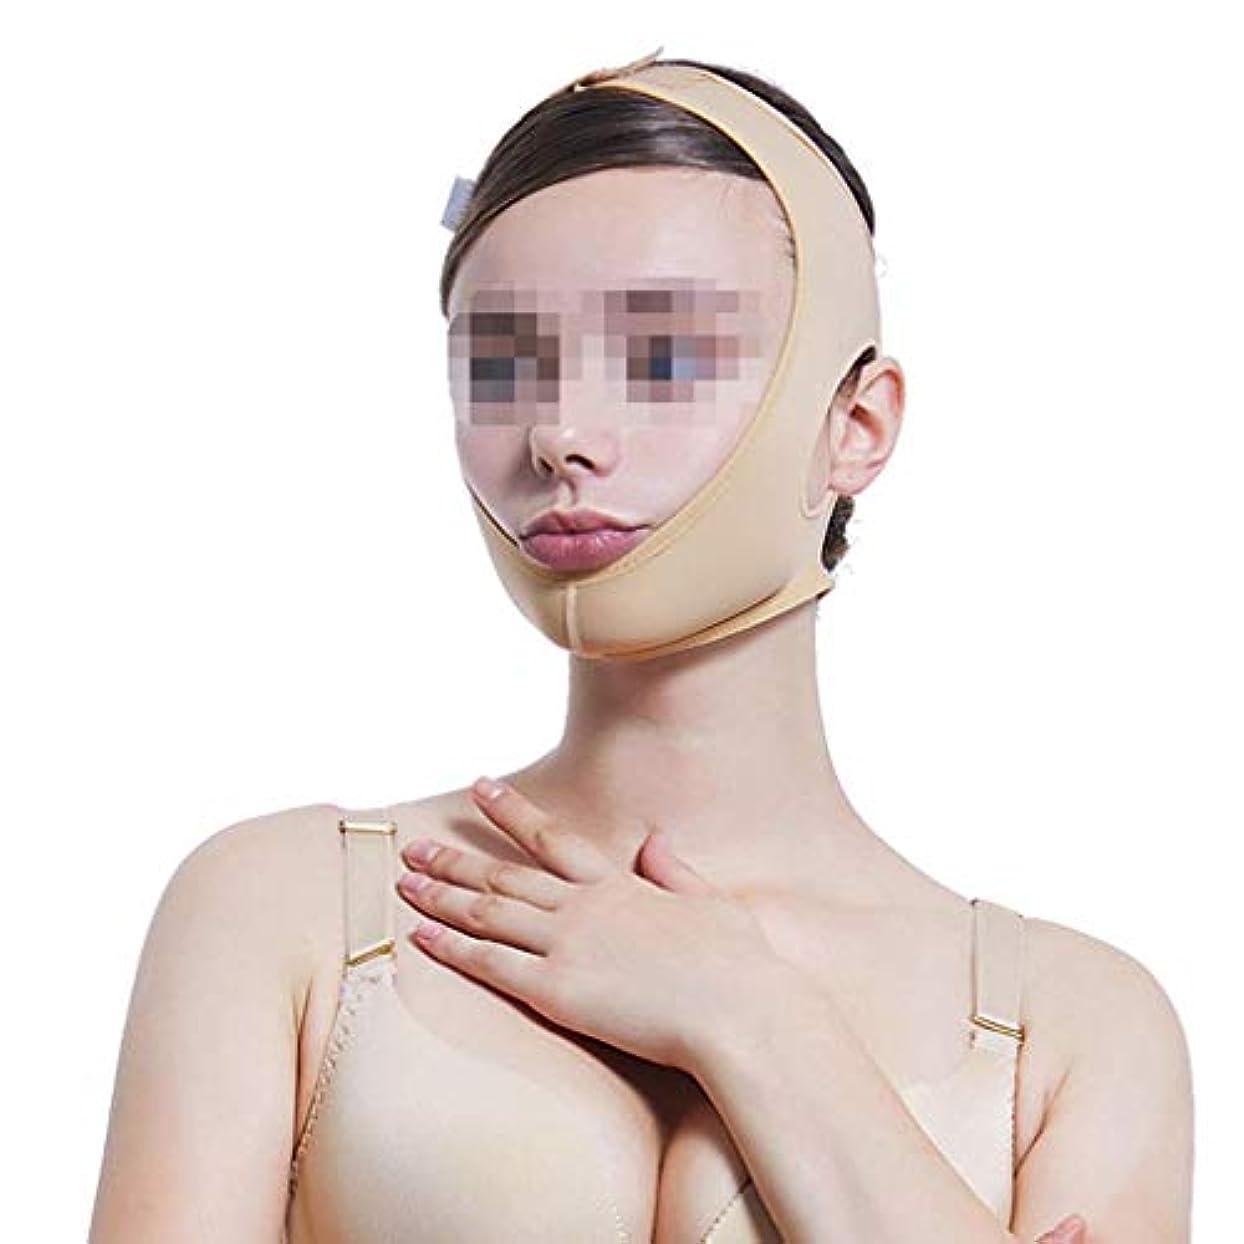 夕暮れペイント編集するビームフェイス弾性ヘッドギア、ダブルあごのあごのセットをマスクの後に線彫り薄いフェイス包帯マルチサイズオプション(サイズ:XS),XS